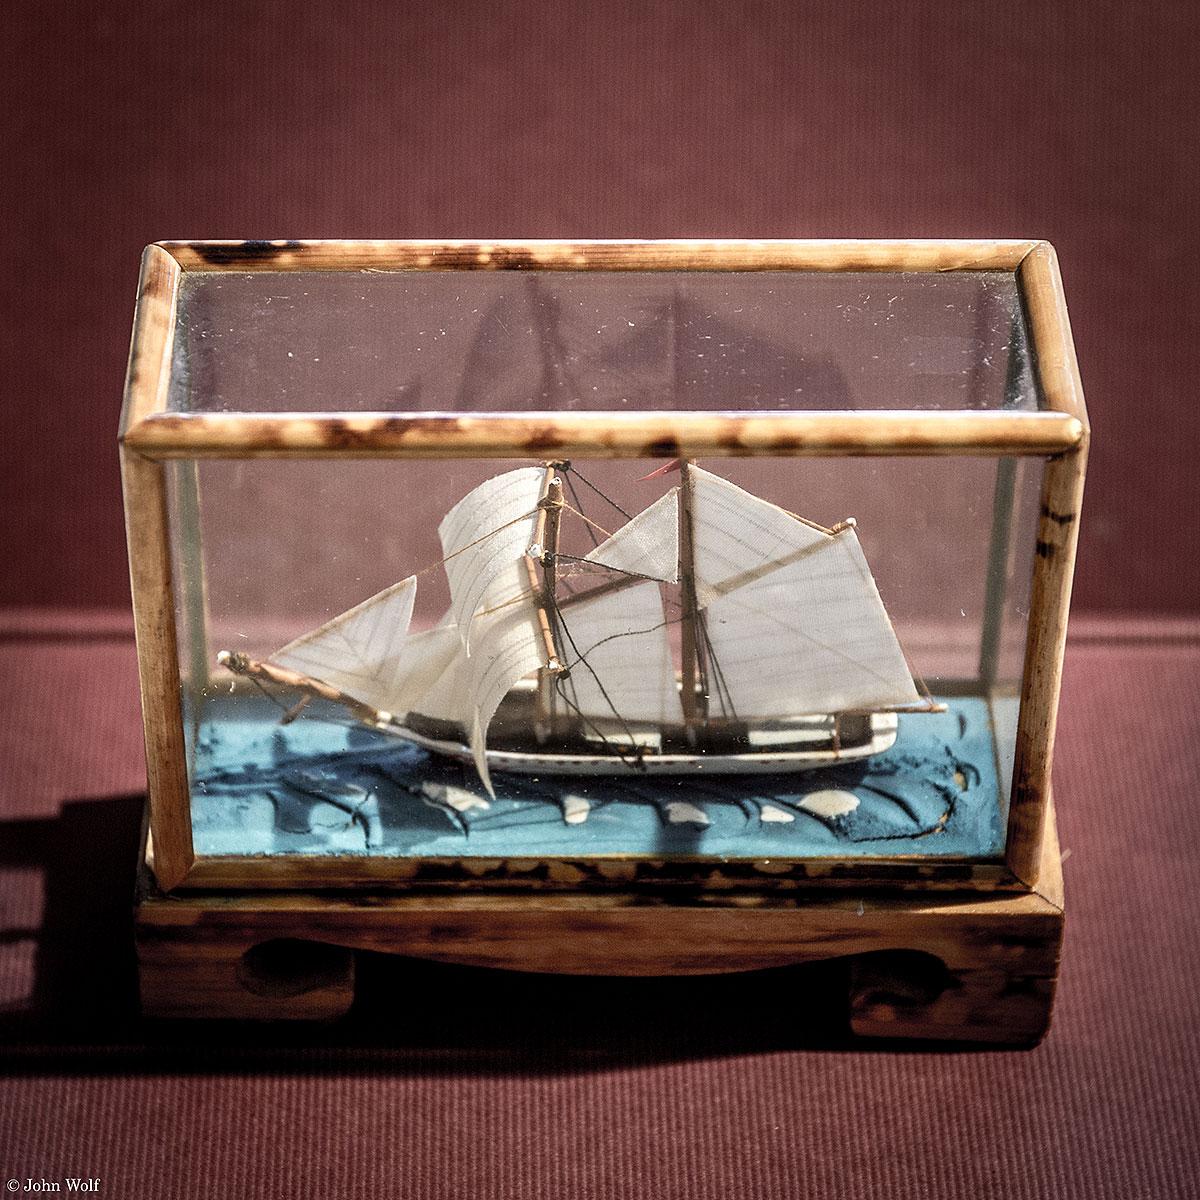 Maquete de barco dentro de uma vitrina de vidro e madeira.